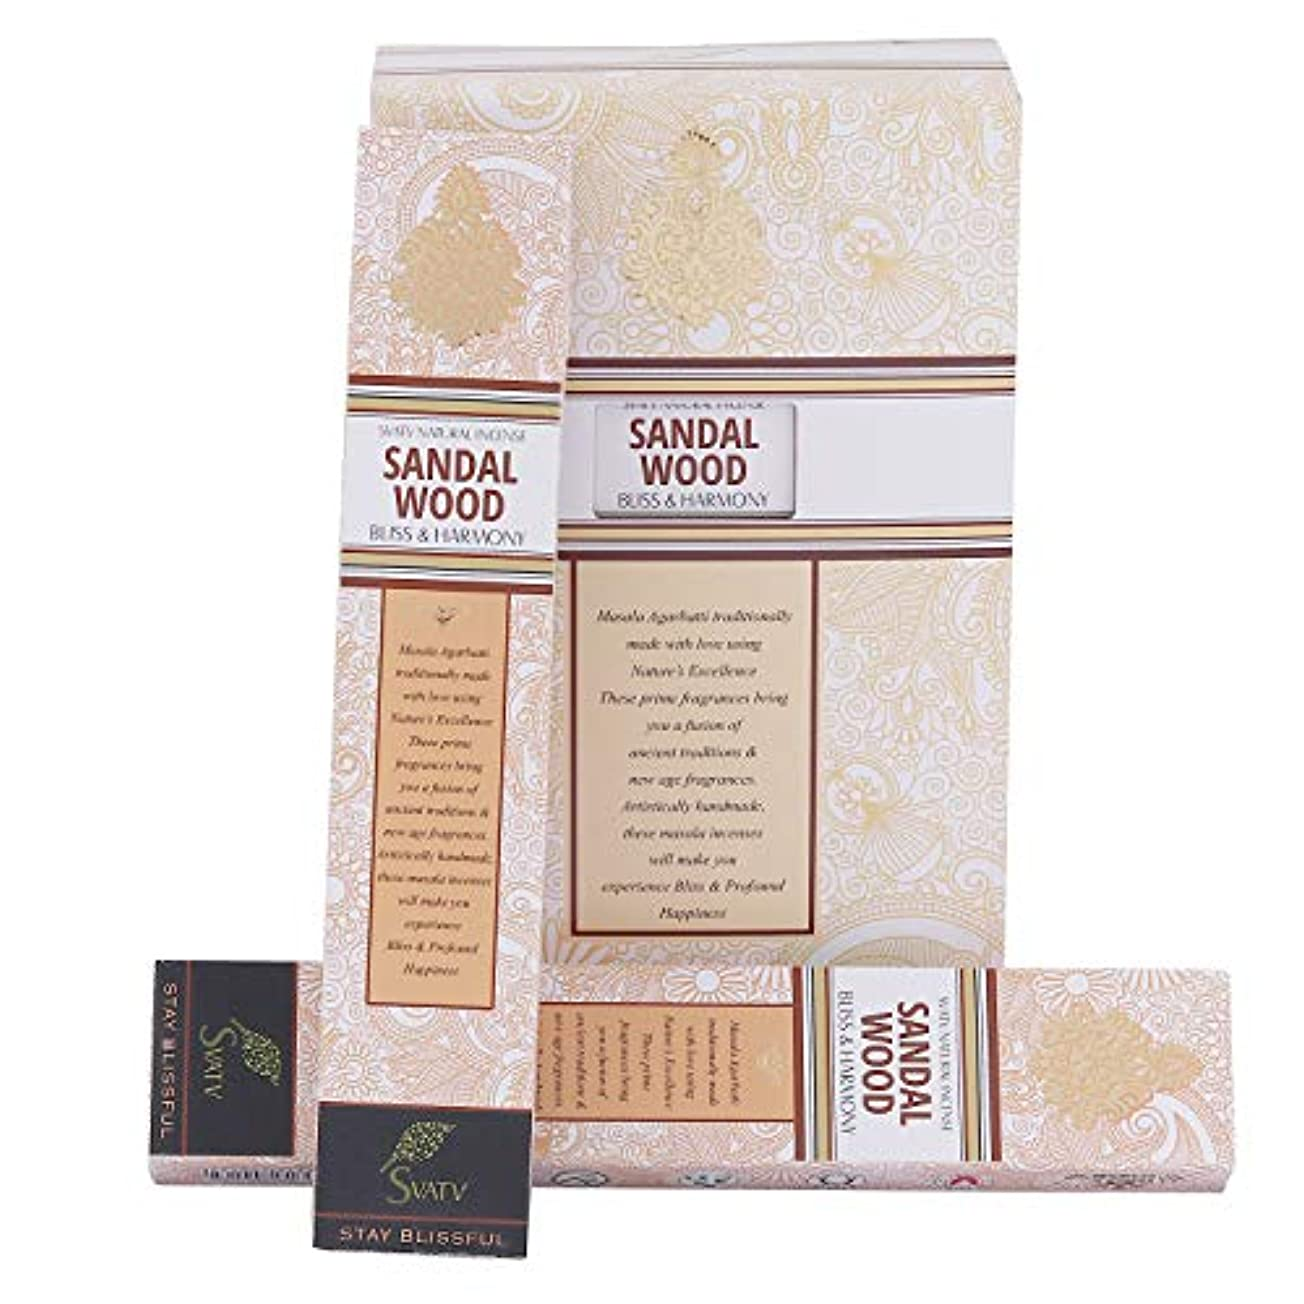 希少性ソーセージかわいらしいSVATV Sandalwood :: Hand Rolled Masala Incense Stick Made in India 15g Pack Of 2